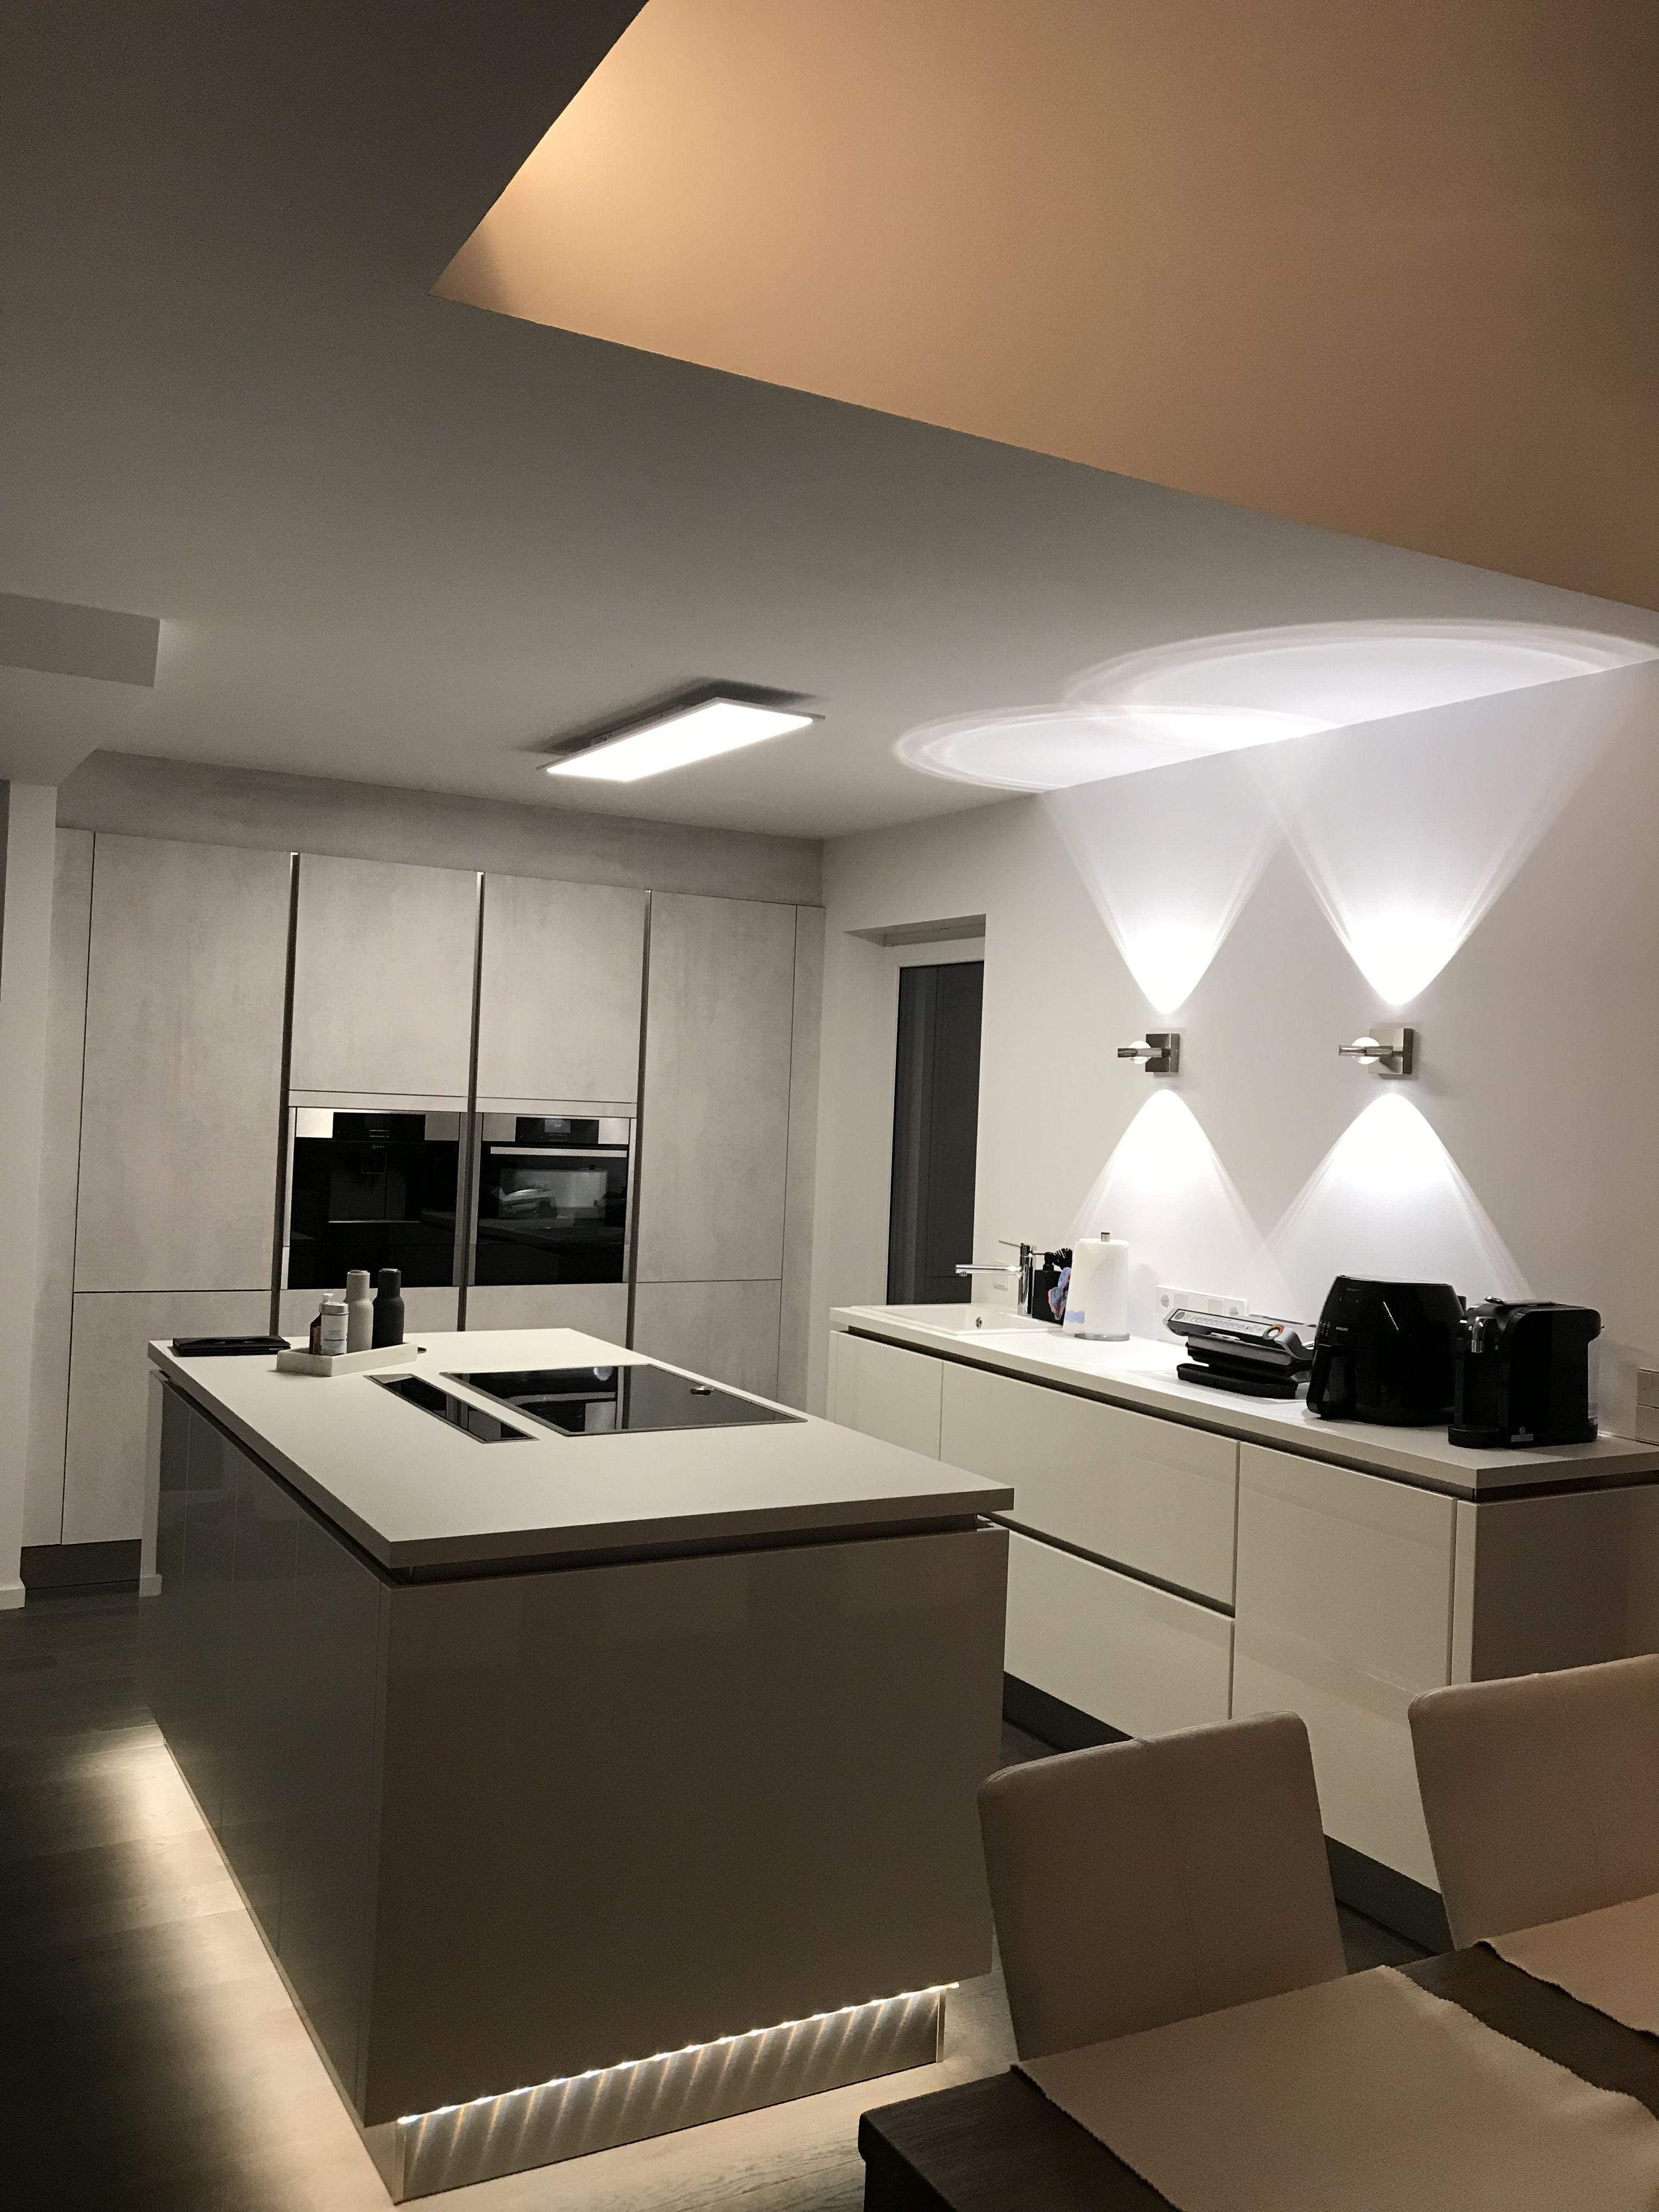 Luftraum Galerie Kuche Mehrfamilienhaus Bauen Fertighauser Wohn Design